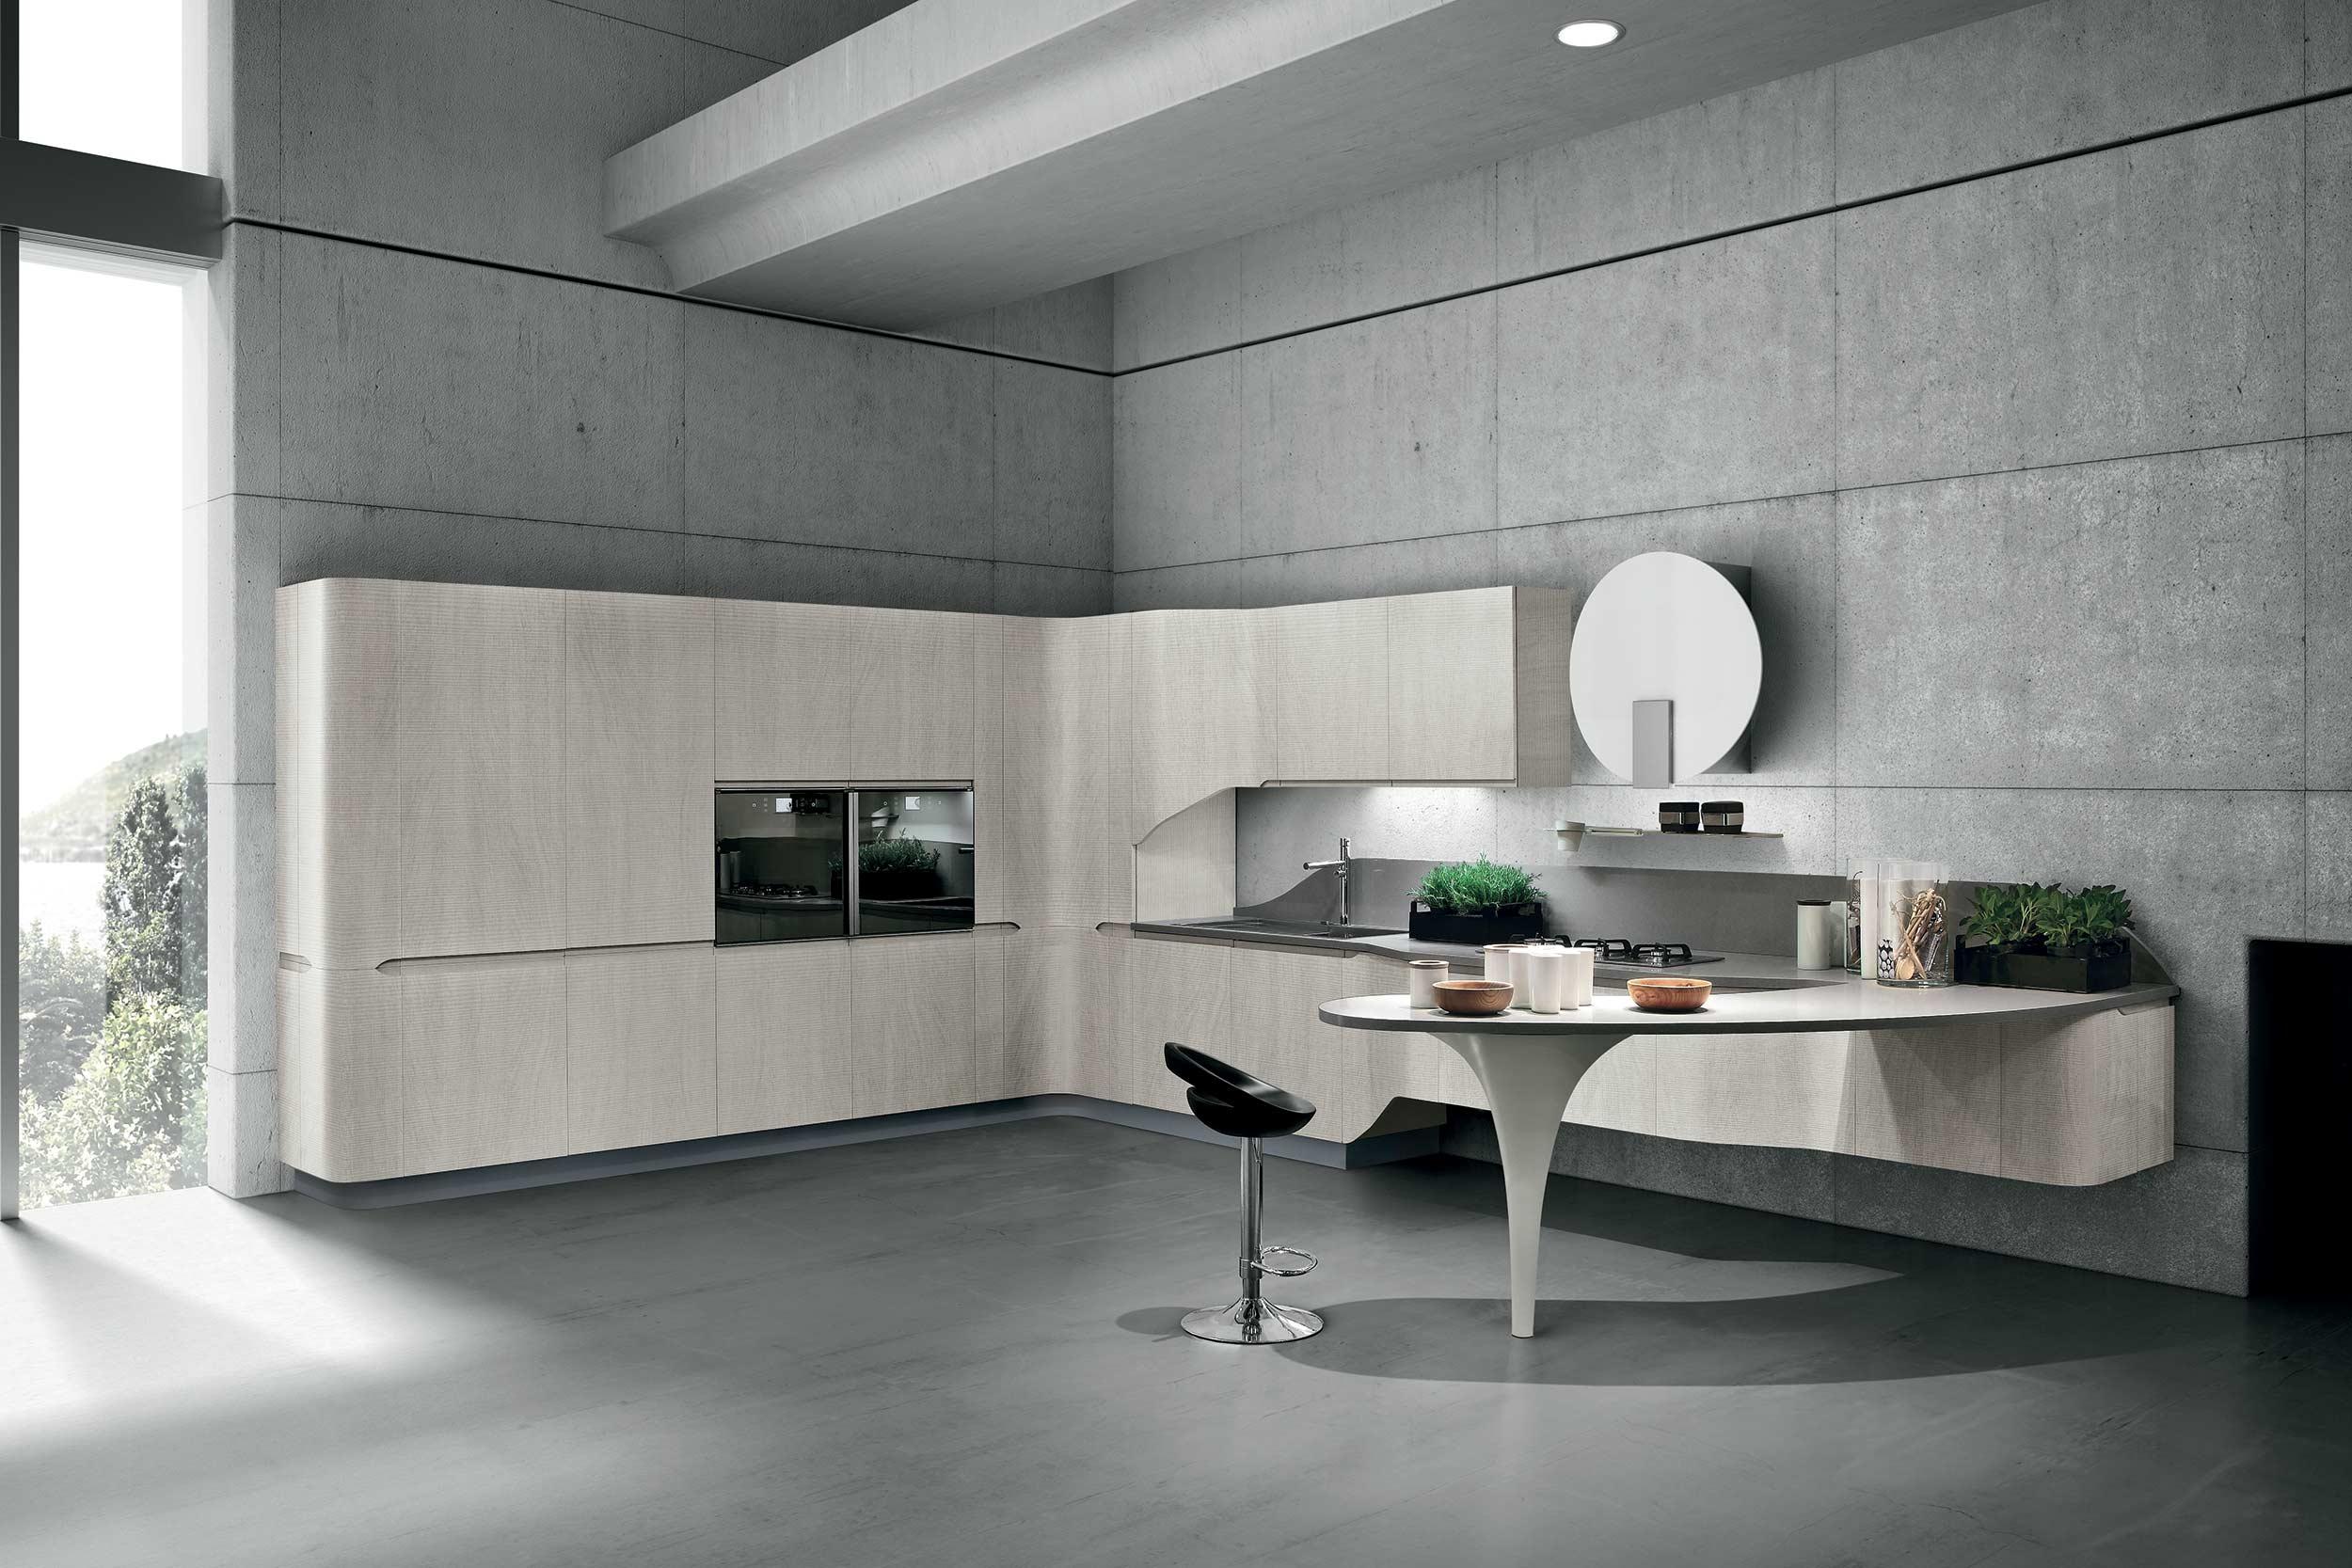 Cucina stosa bring lorenzelli arredamenti for Cucine stosa moderne